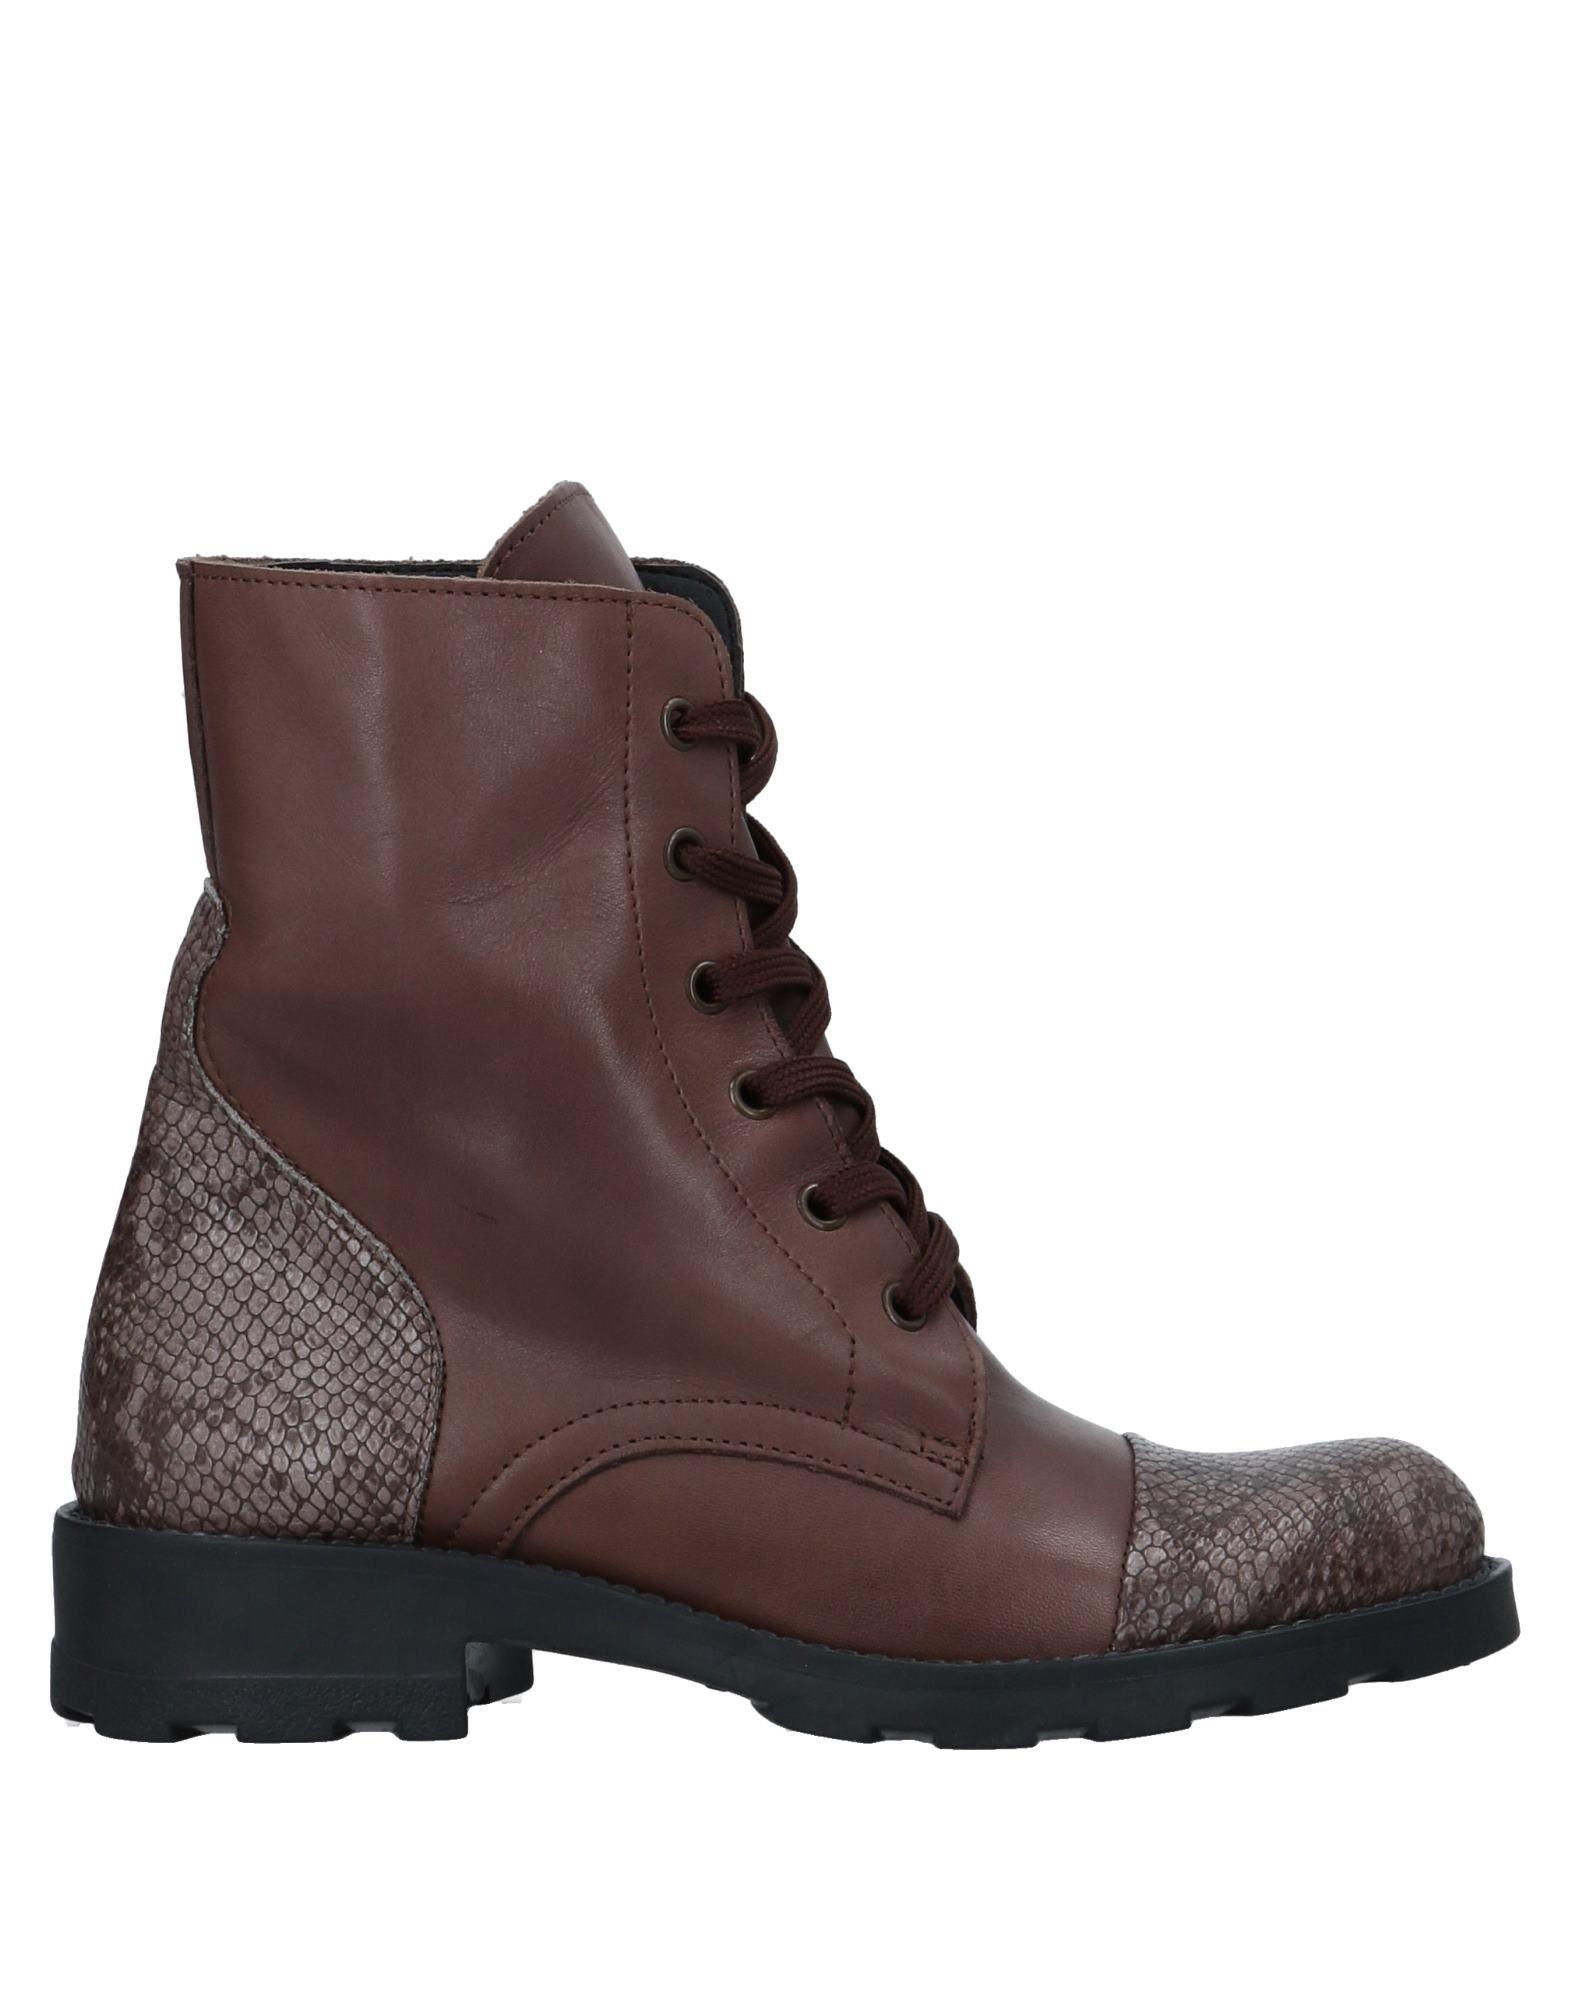 Unlace Stiefelette Damen  11528698VJ Gute Qualität beliebte Schuhe